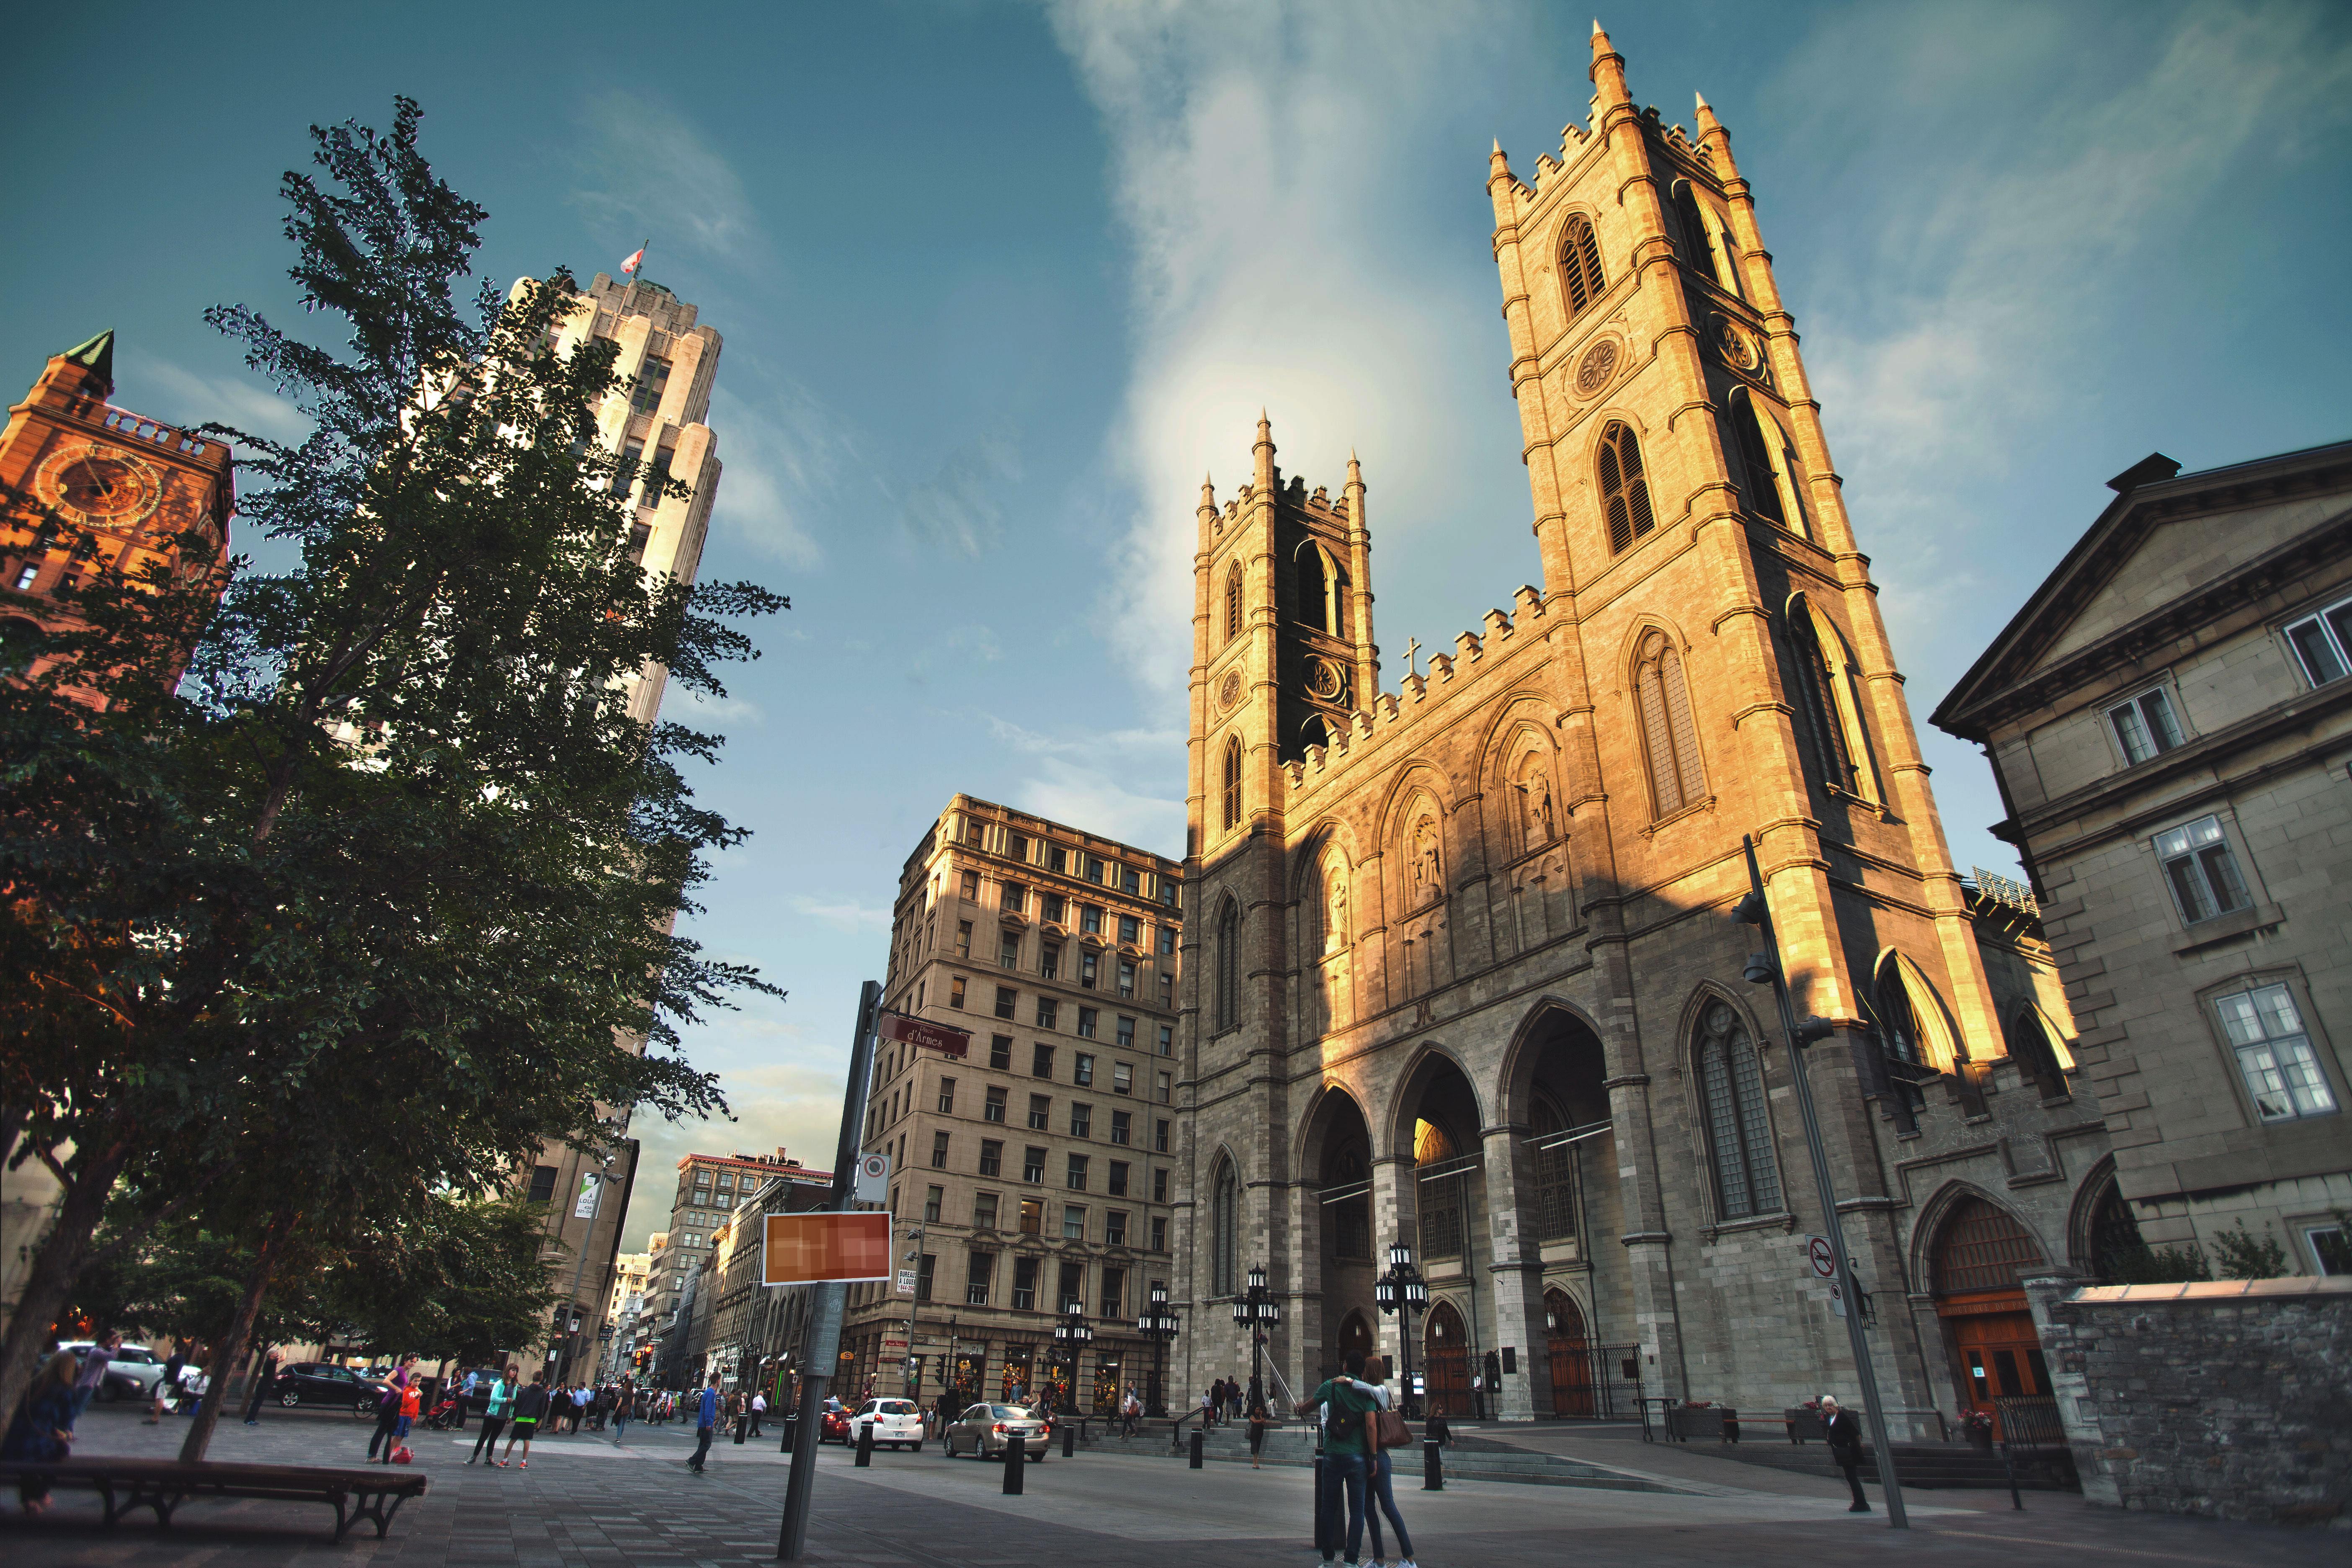 蒙特利尔圣母大教堂旅游景点图片